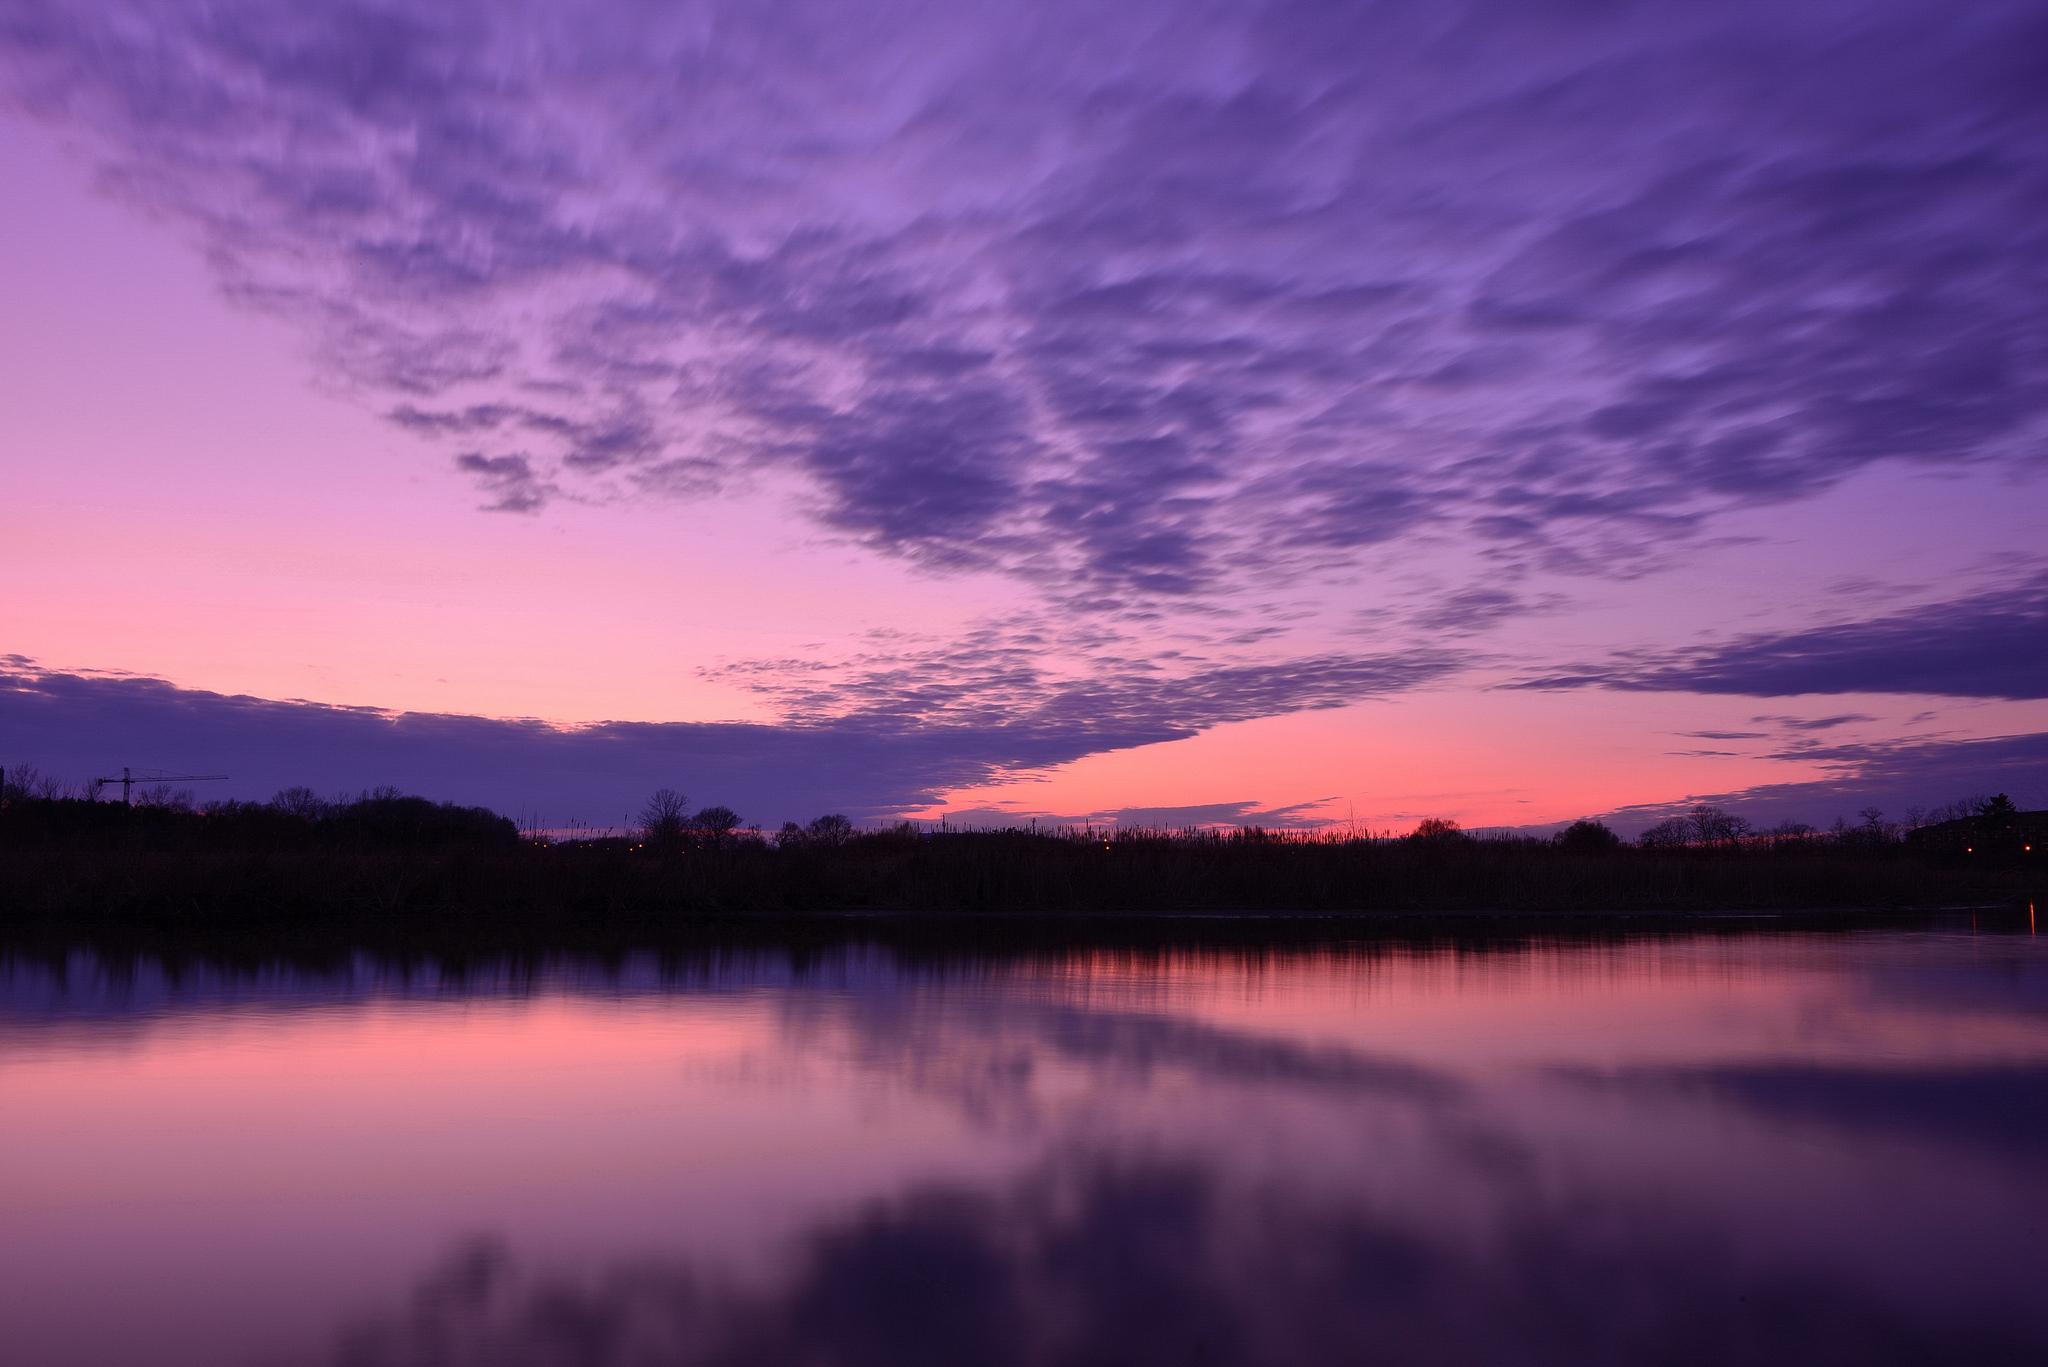 природа озеро деревья небо облака закат  № 1249550 бесплатно